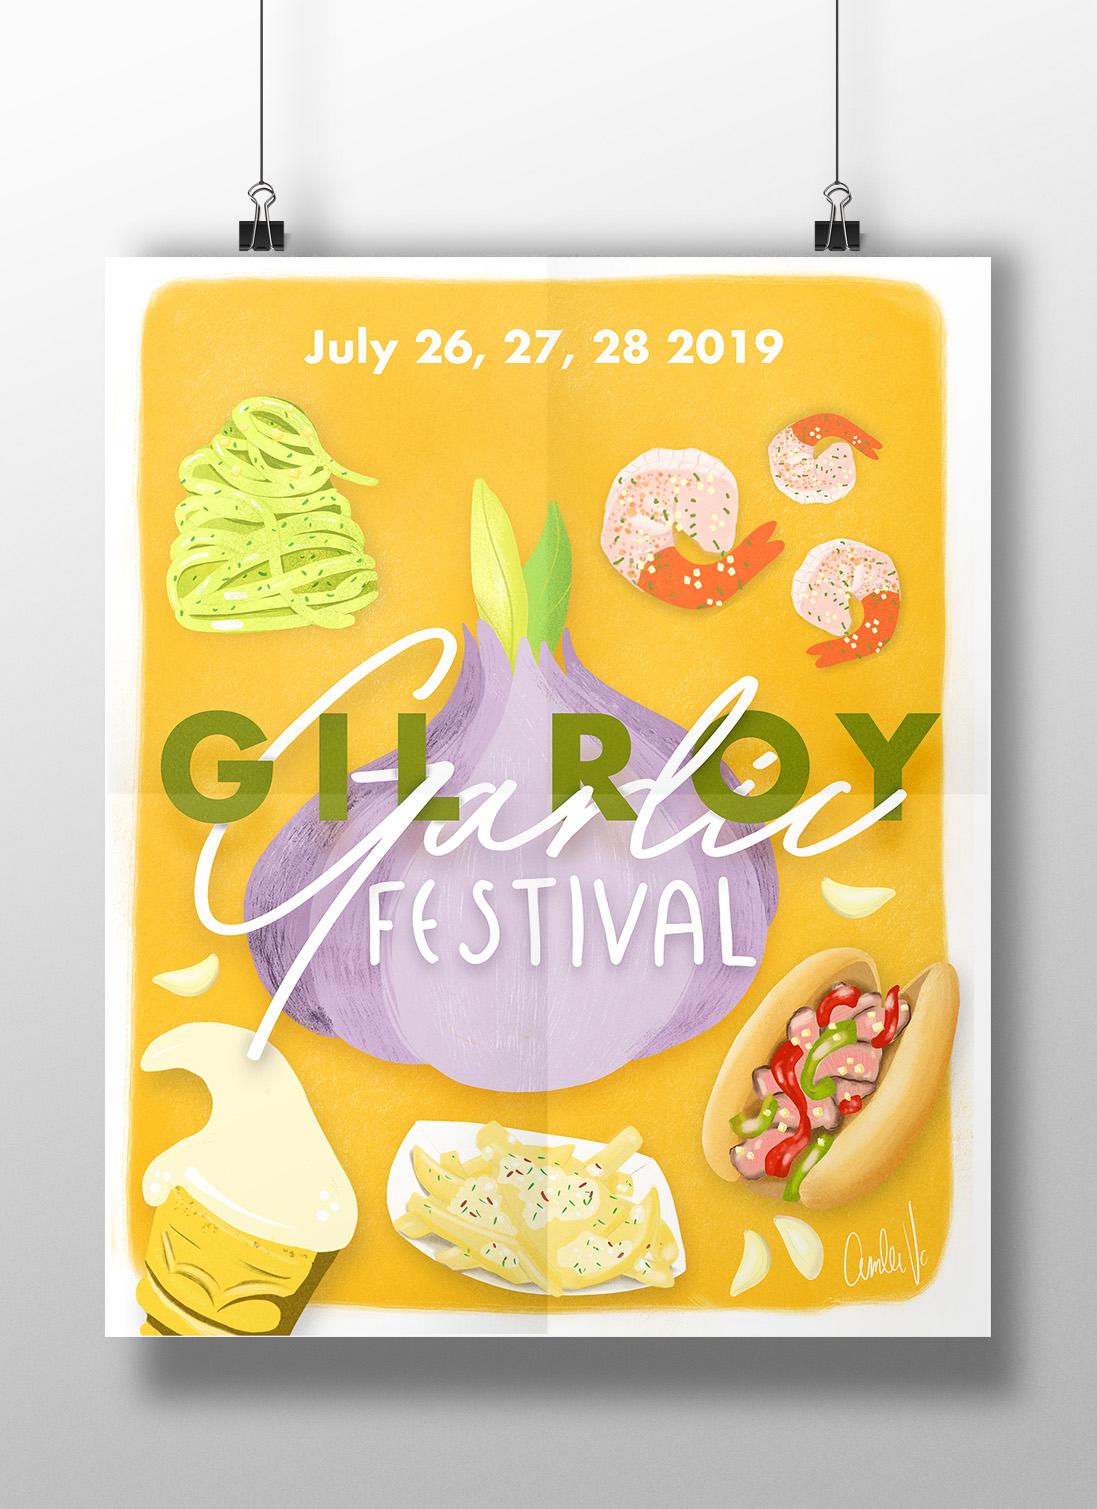 Gilroy Garlic Festival Poster Artwork